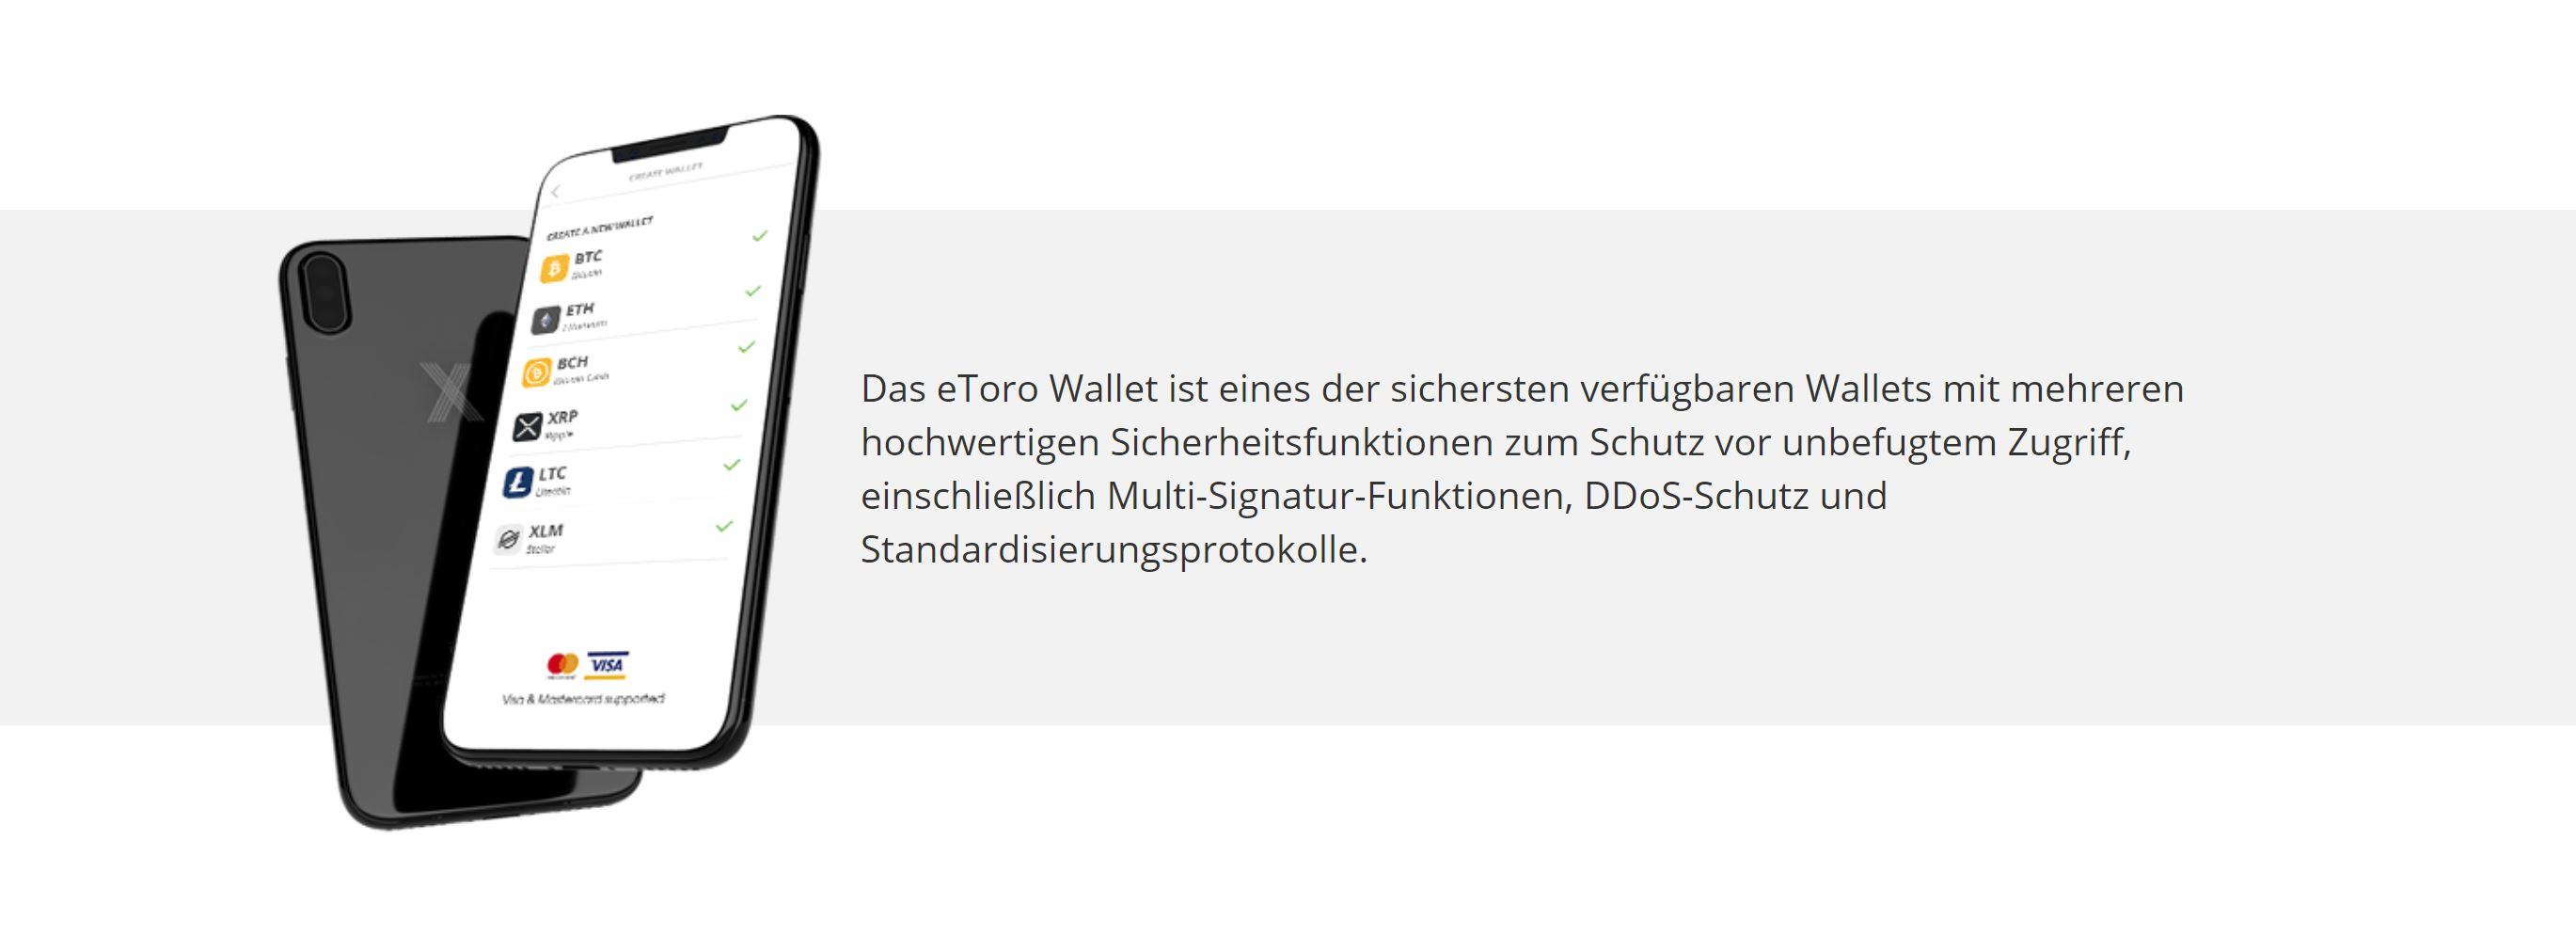 Misure di sicurezza di eToro Wallet